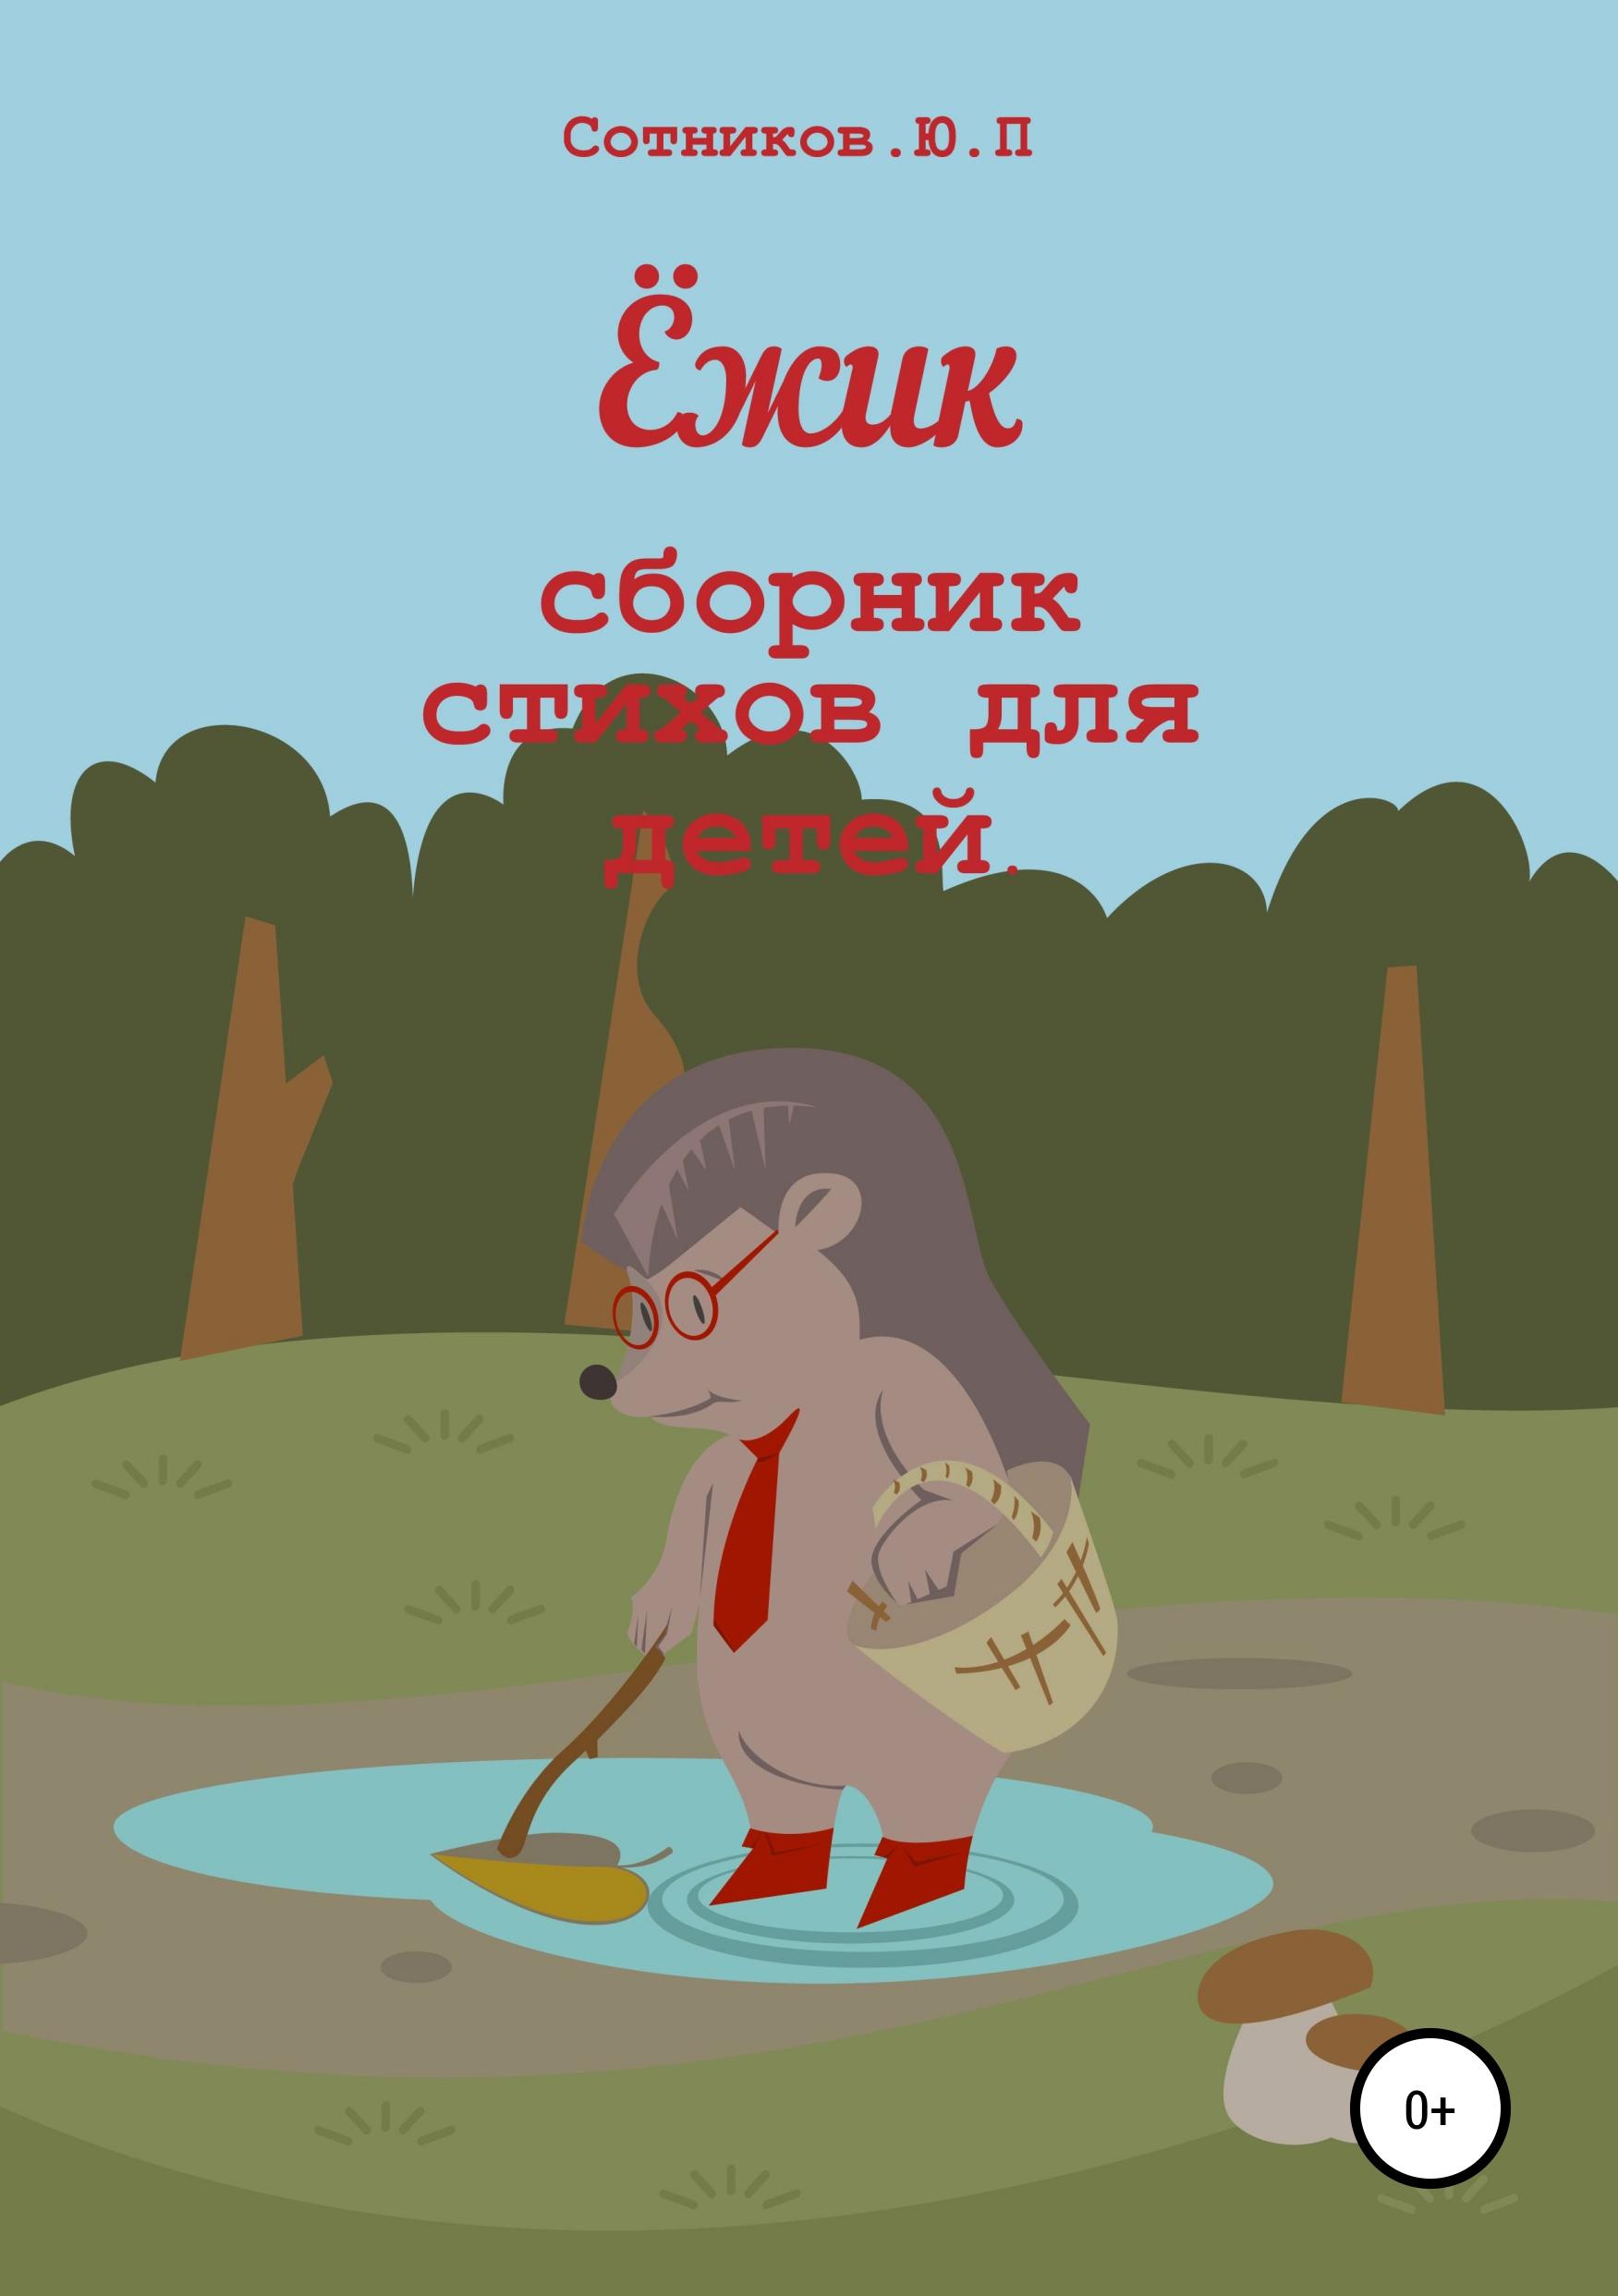 Юрий Петрович Сотников Ёжик берестов в д 100 стихов на ночь